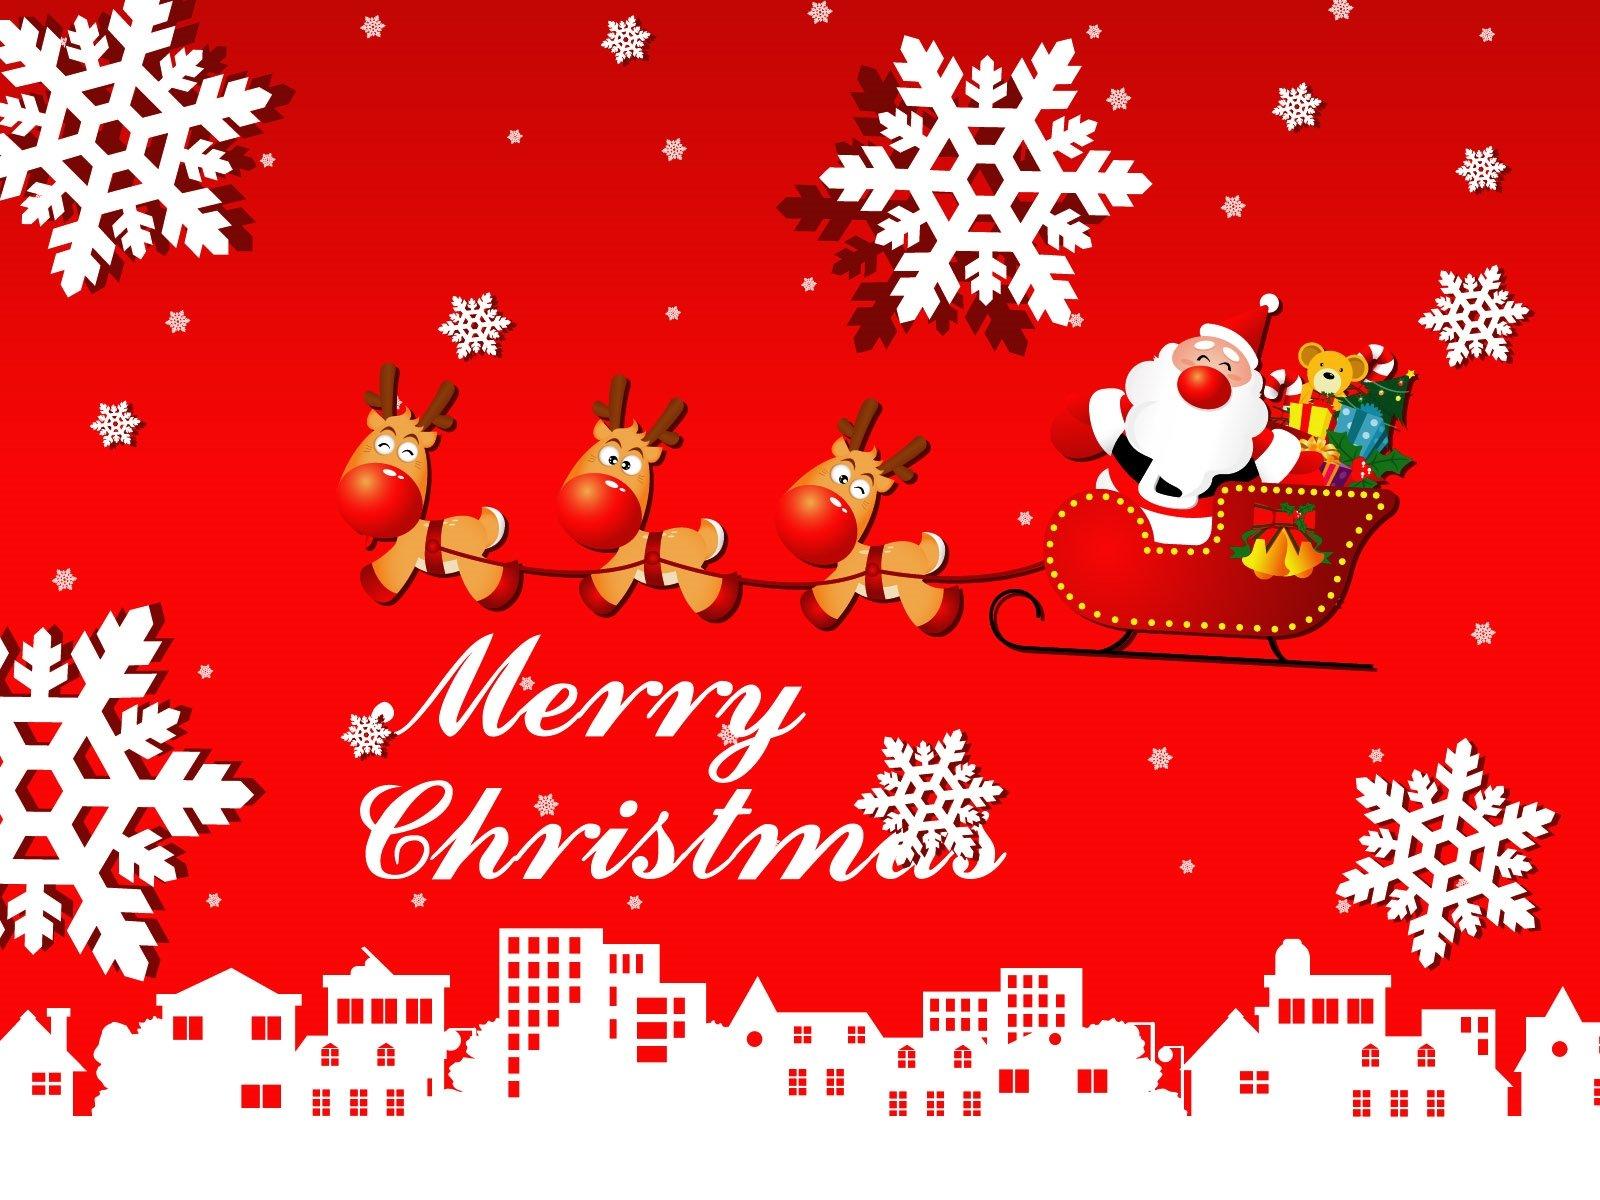 картинки счастливого рождества красивые на английском рождественские ярмарки